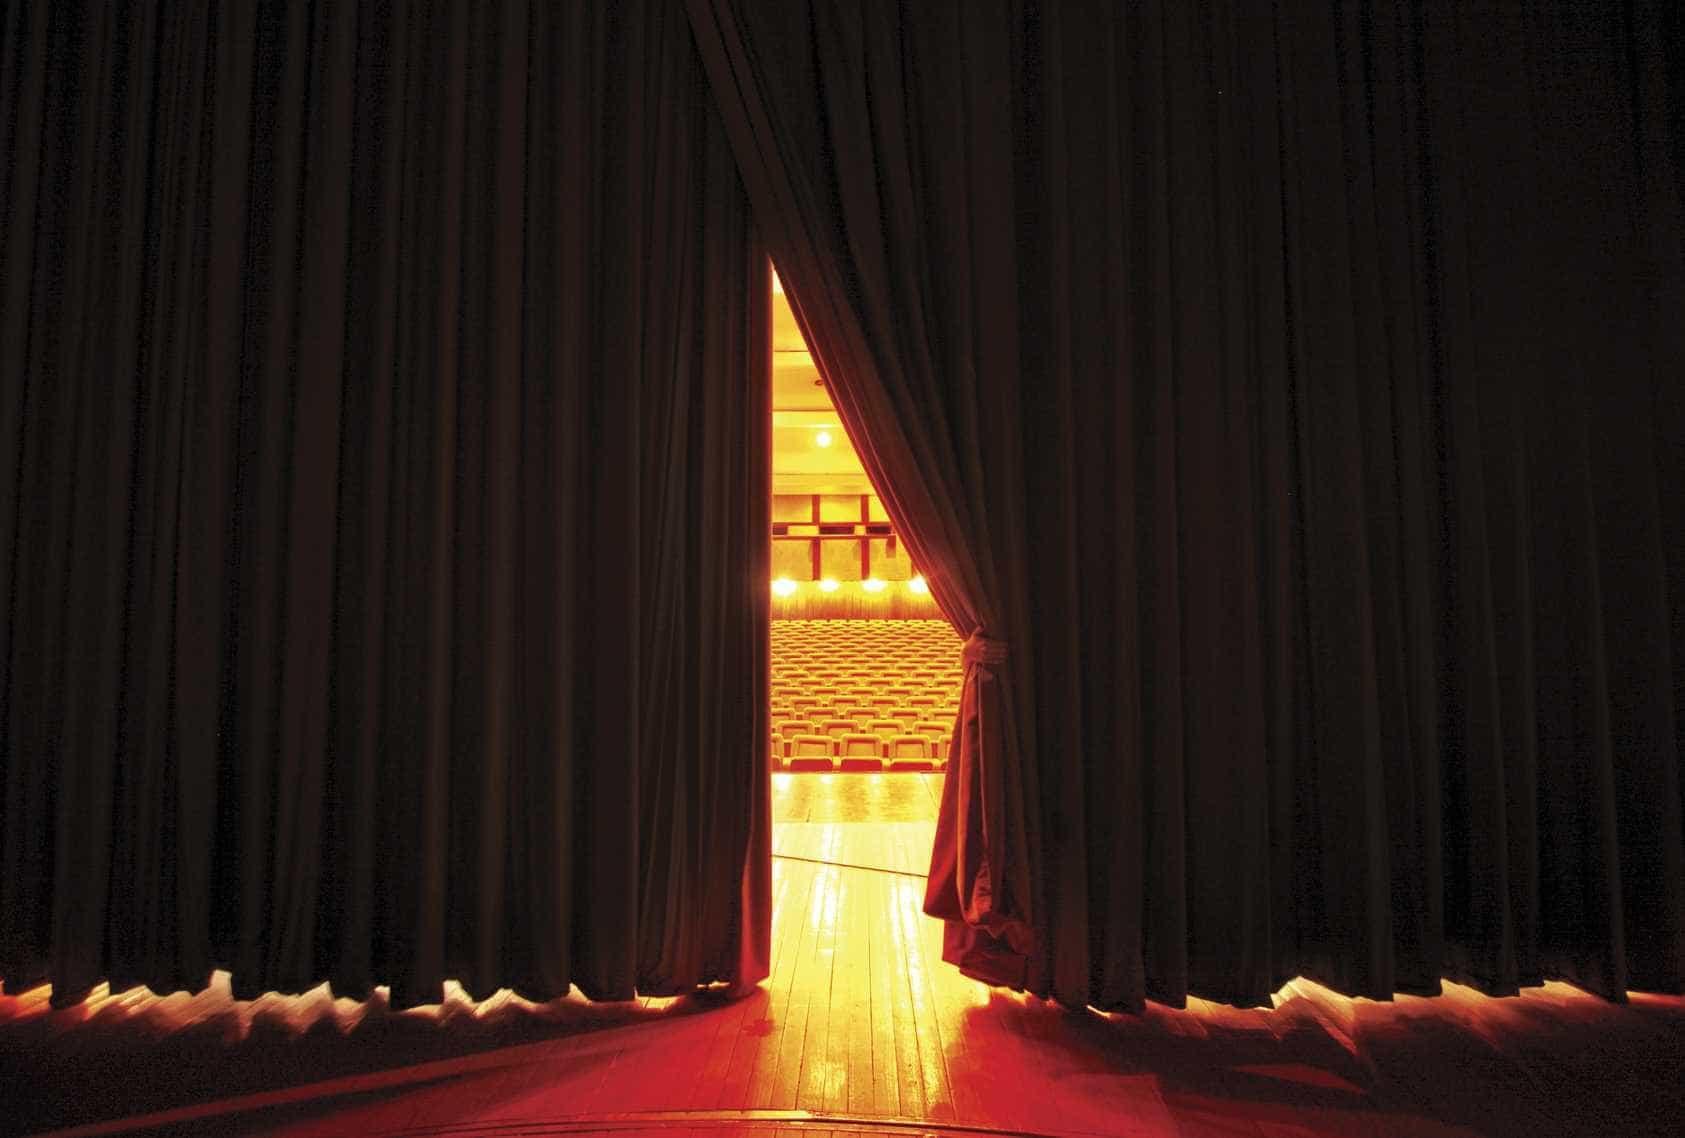 Ópera e teatro cruzam-se em obra de Tiago Cutileiro em cena no Porto